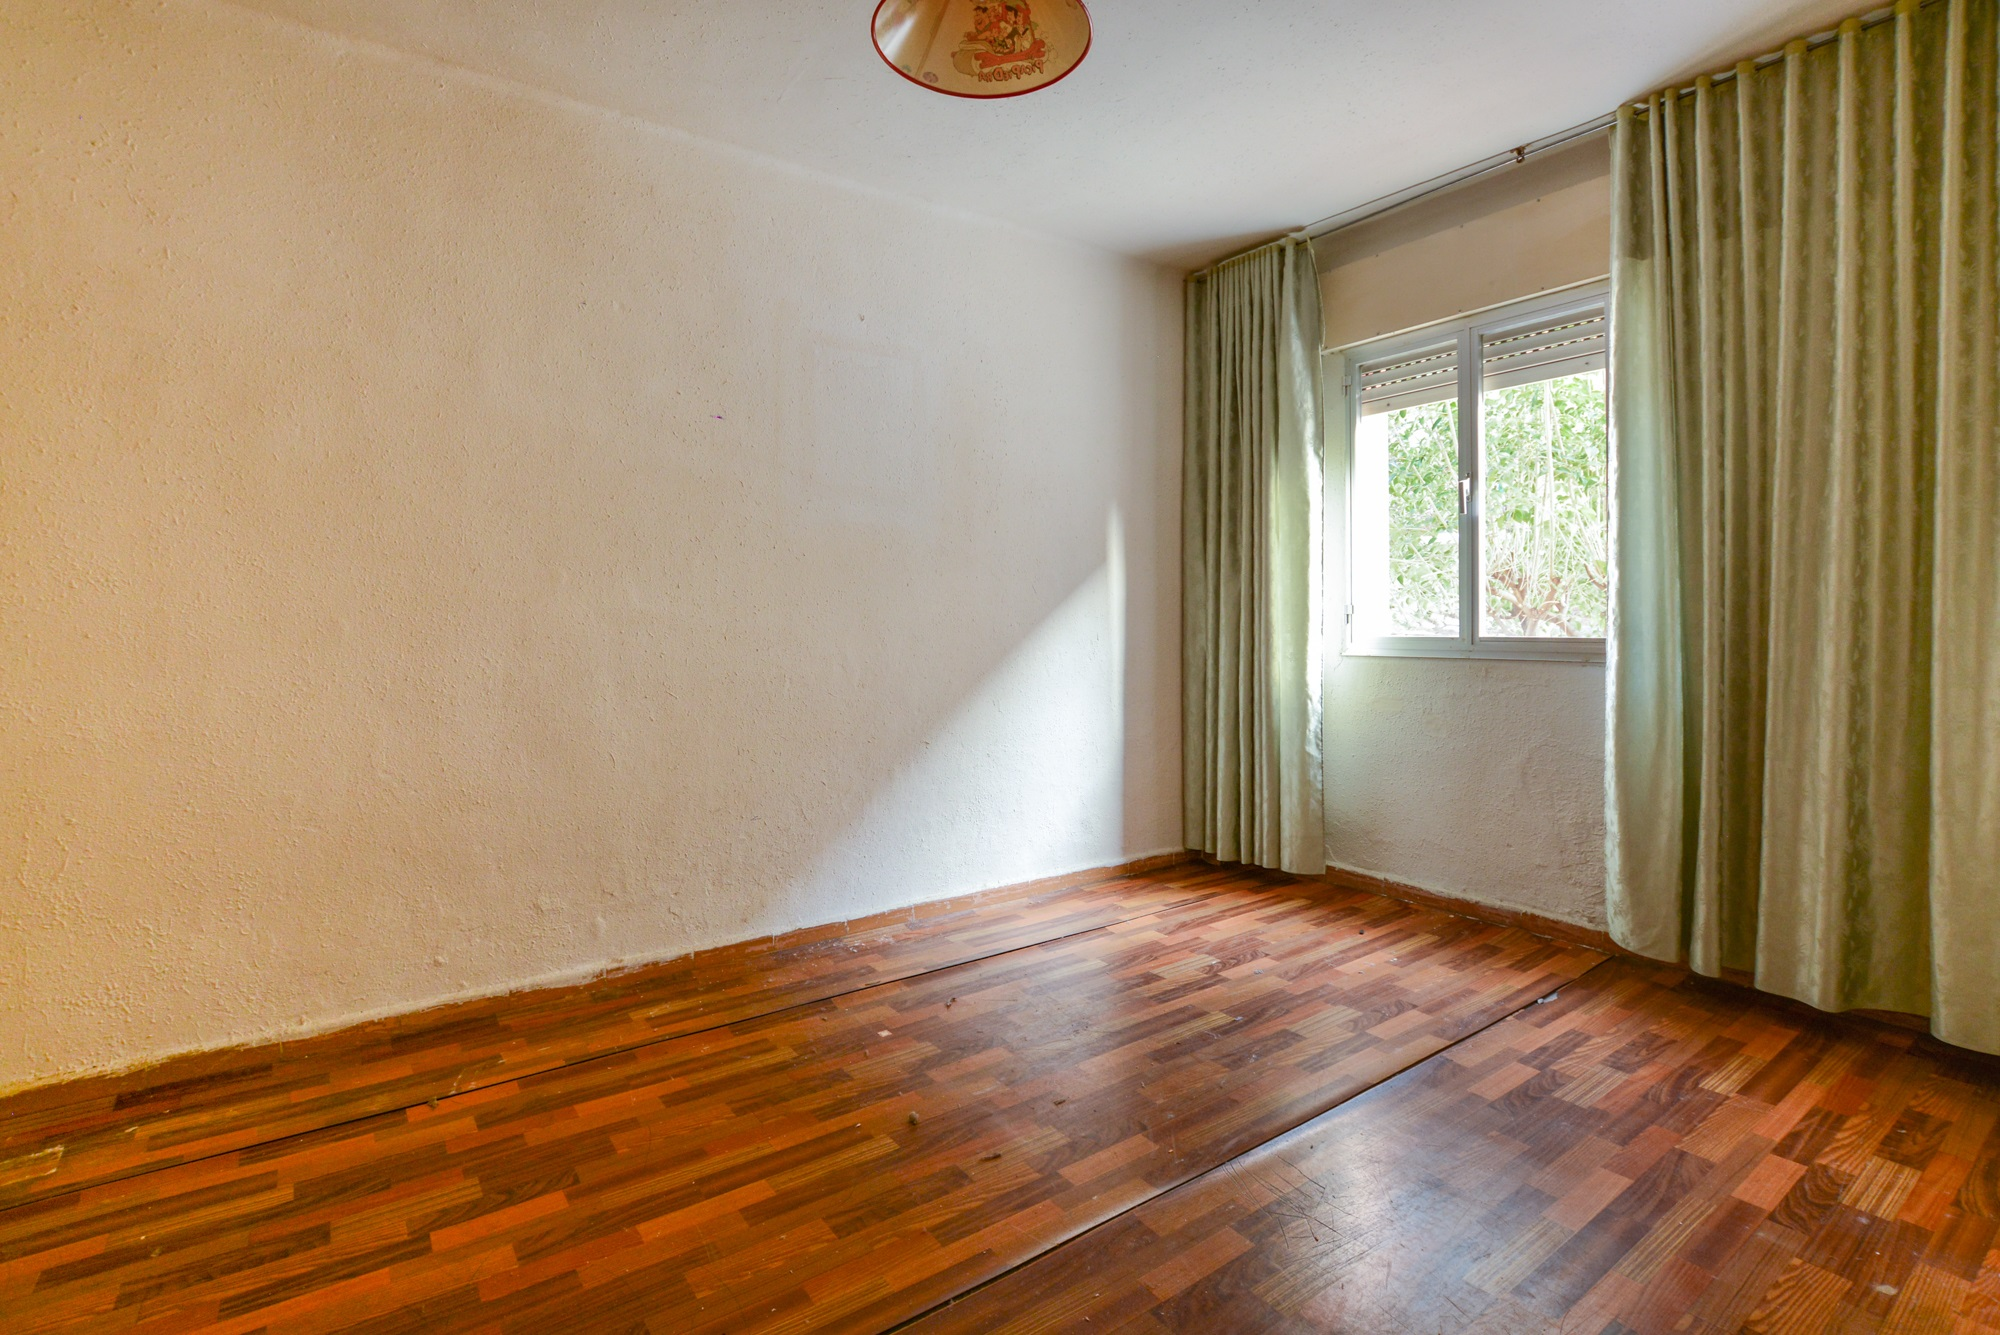 Pisos en alcorcon las retamas free pisos en alcorcon las for Calle oslo alcorcon